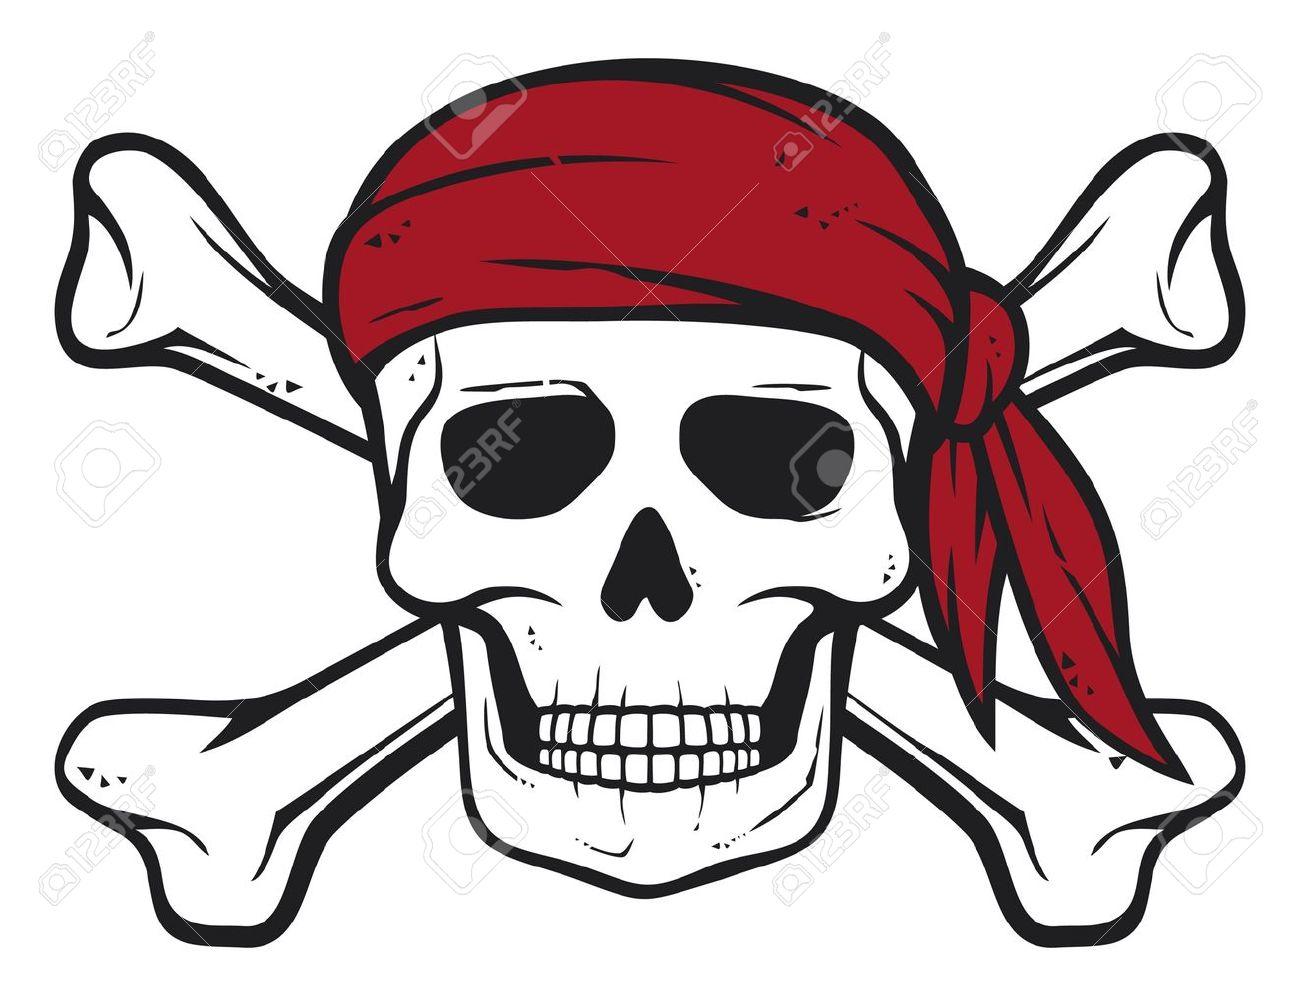 Imagenes De Calaveras Piratas